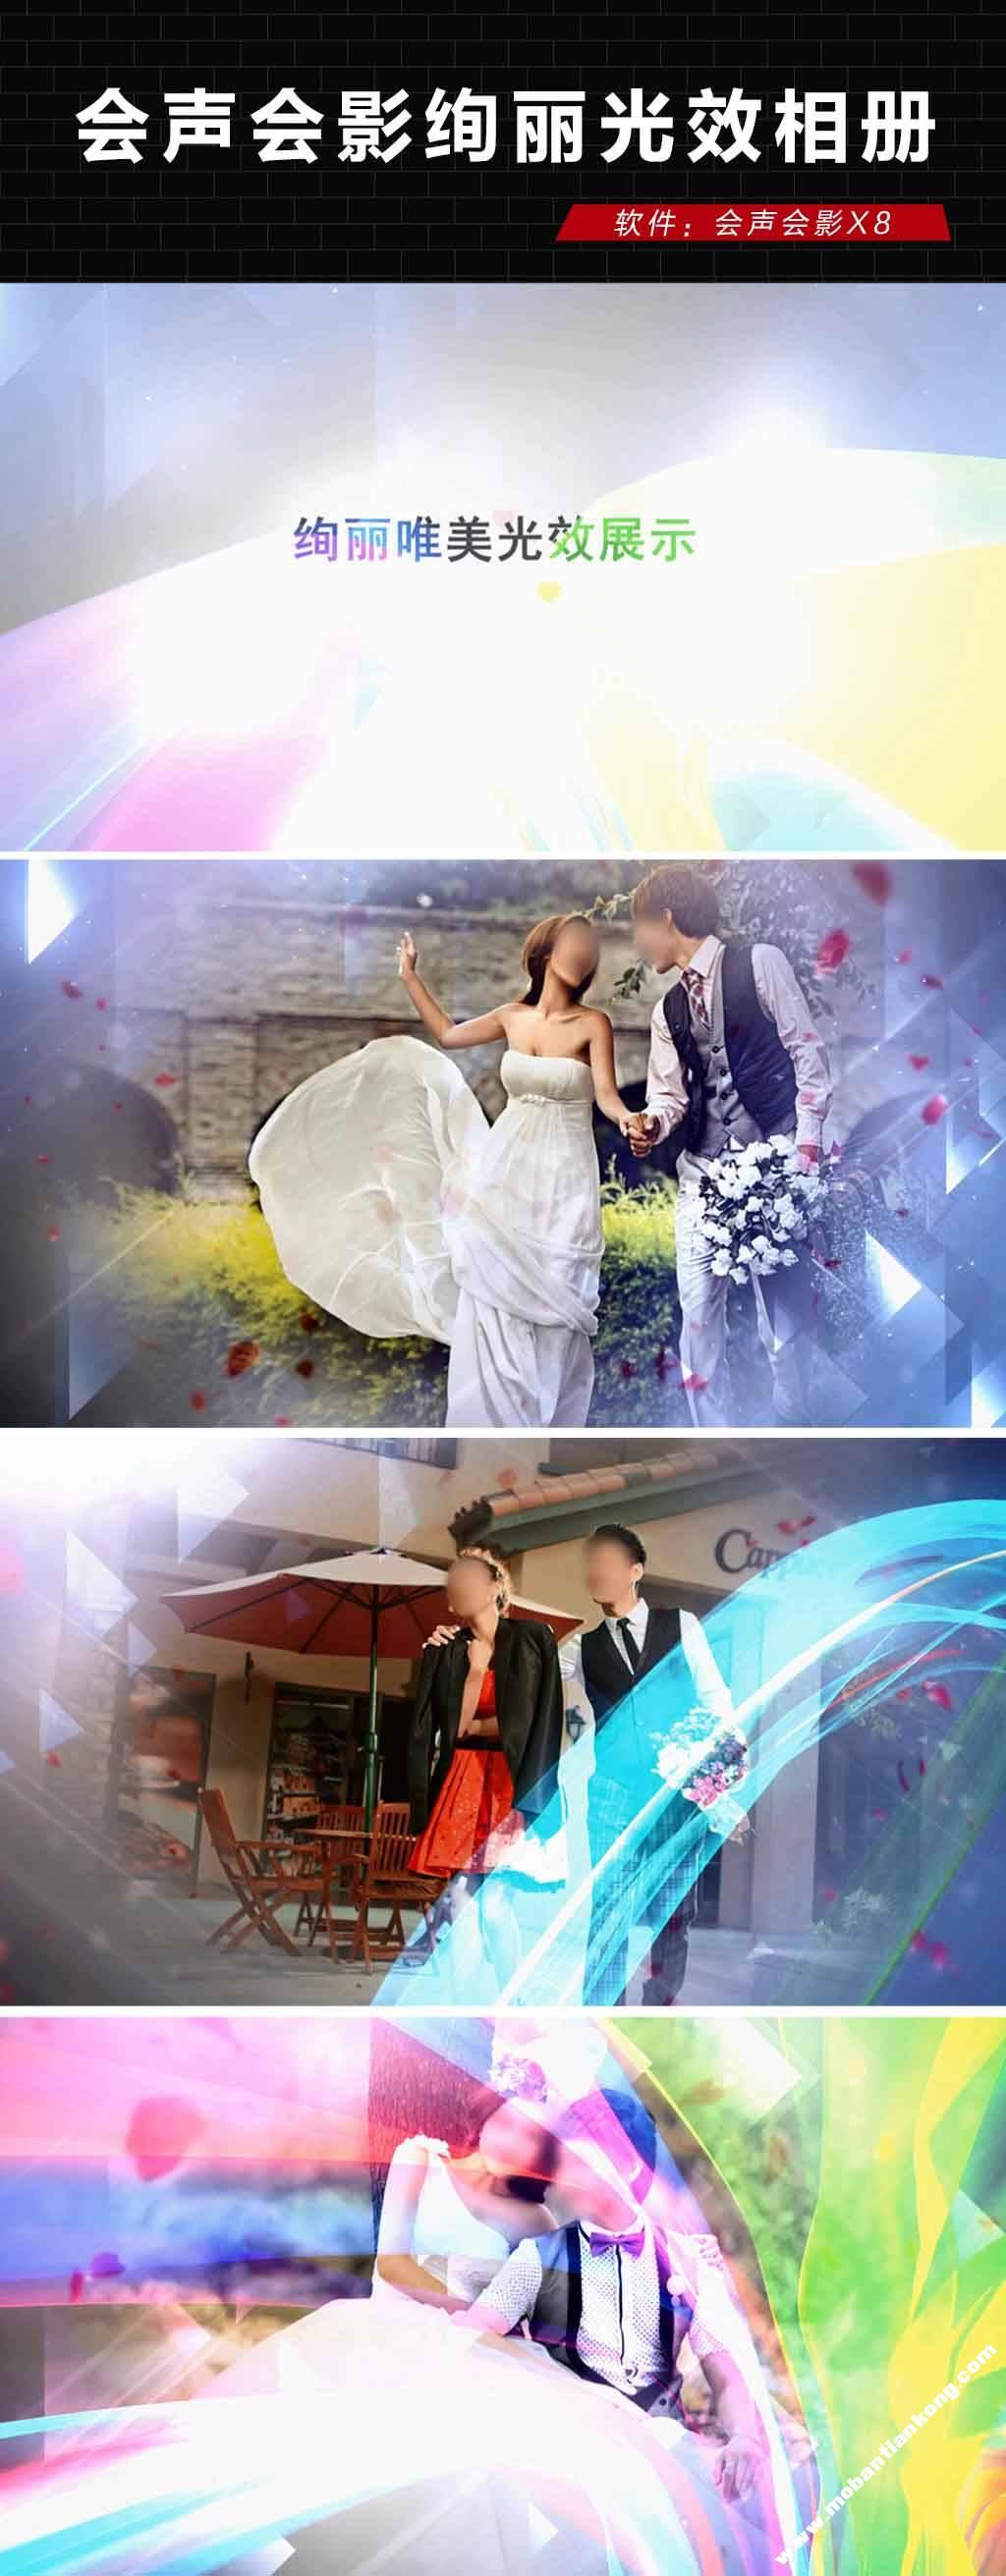 会声会影x8模板 唯美绚丽光效婚礼电子相册